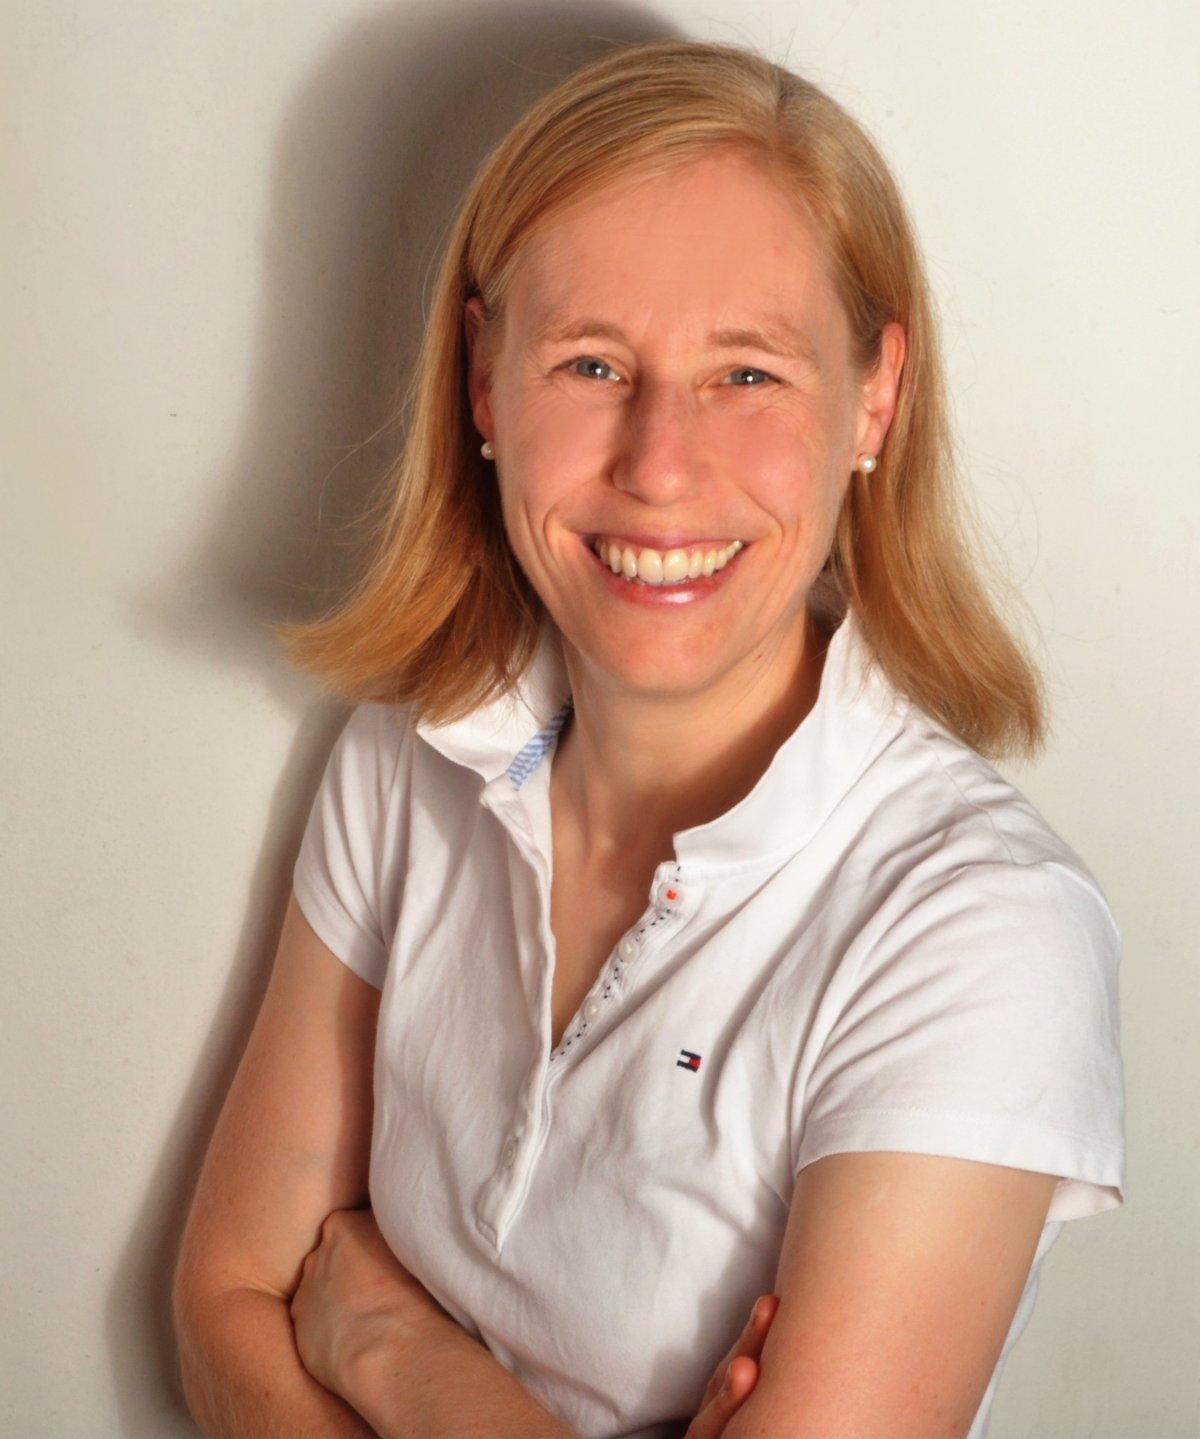 Das Foto zeigt Dr. med. K-Lisa Junika aus Bremen. Sie lehnt an einer weißen Wand und lacht in die Kamera. Sie hat rot blonde schulterlange Haare und trägt ein weißes Polo T-Shirt.